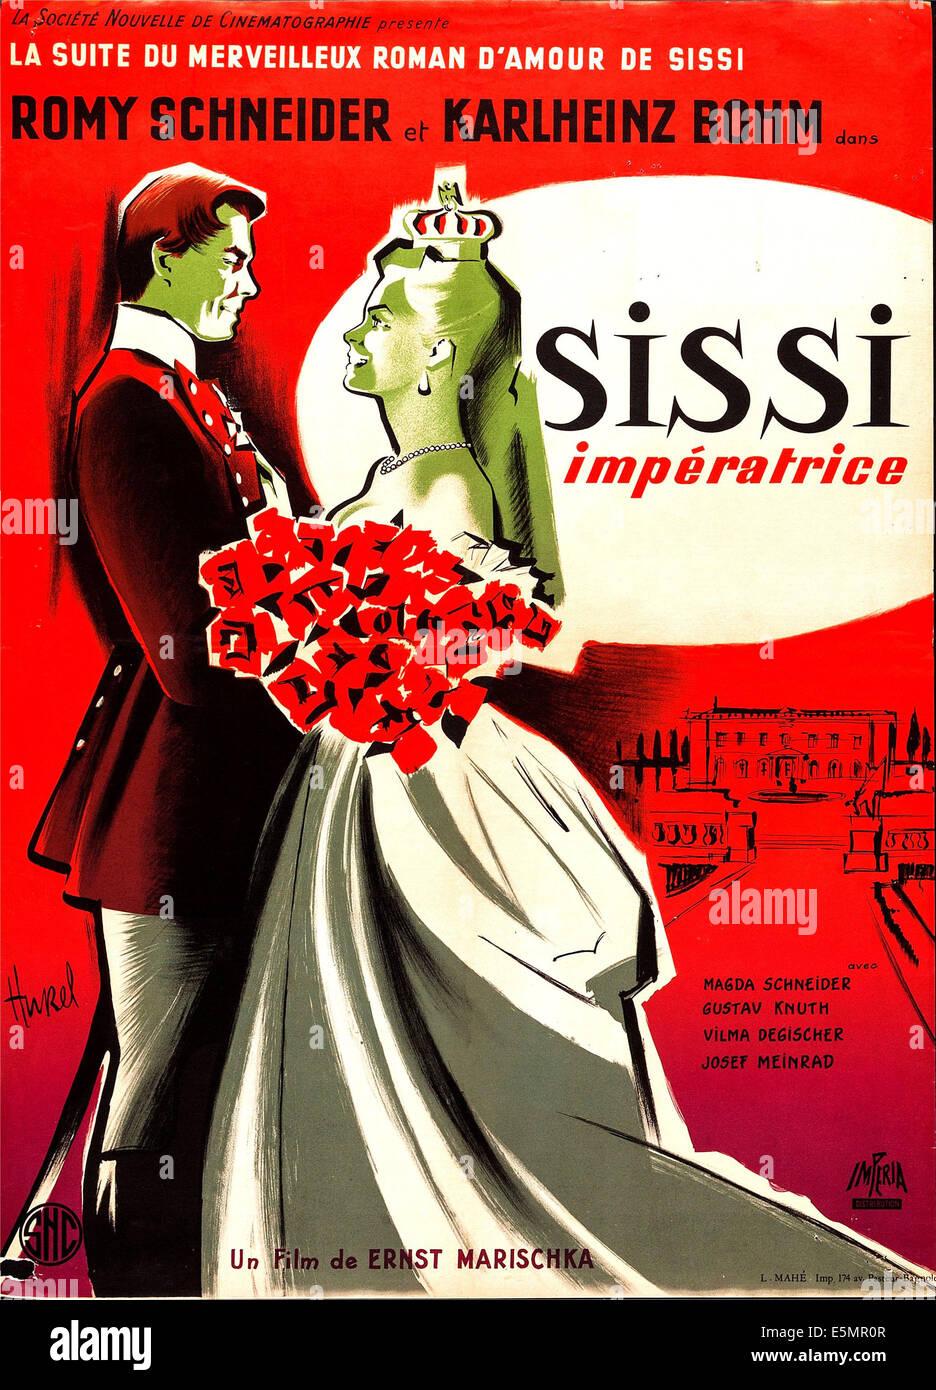 SISSI, Austrian poster art, 1955. - Stock Image